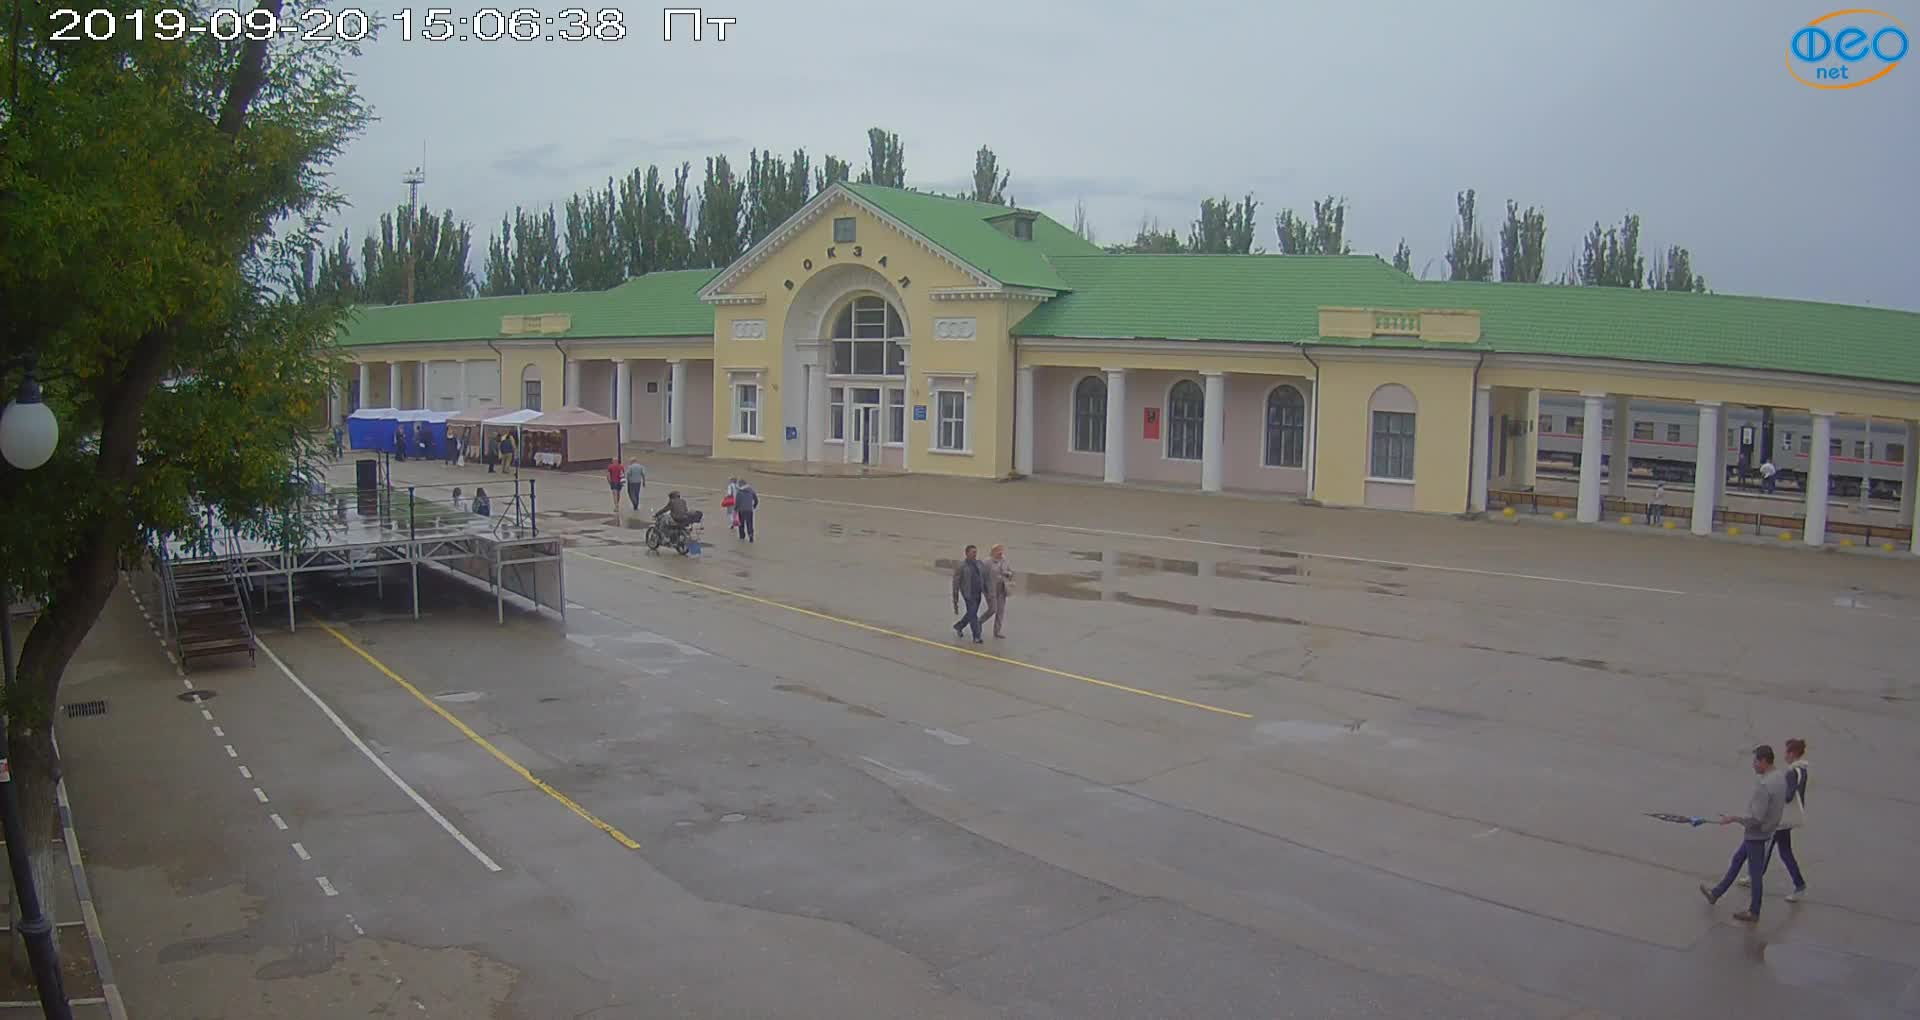 Веб-камеры Феодосии, Привокзальная площадь, 2019-09-20 15:23:12